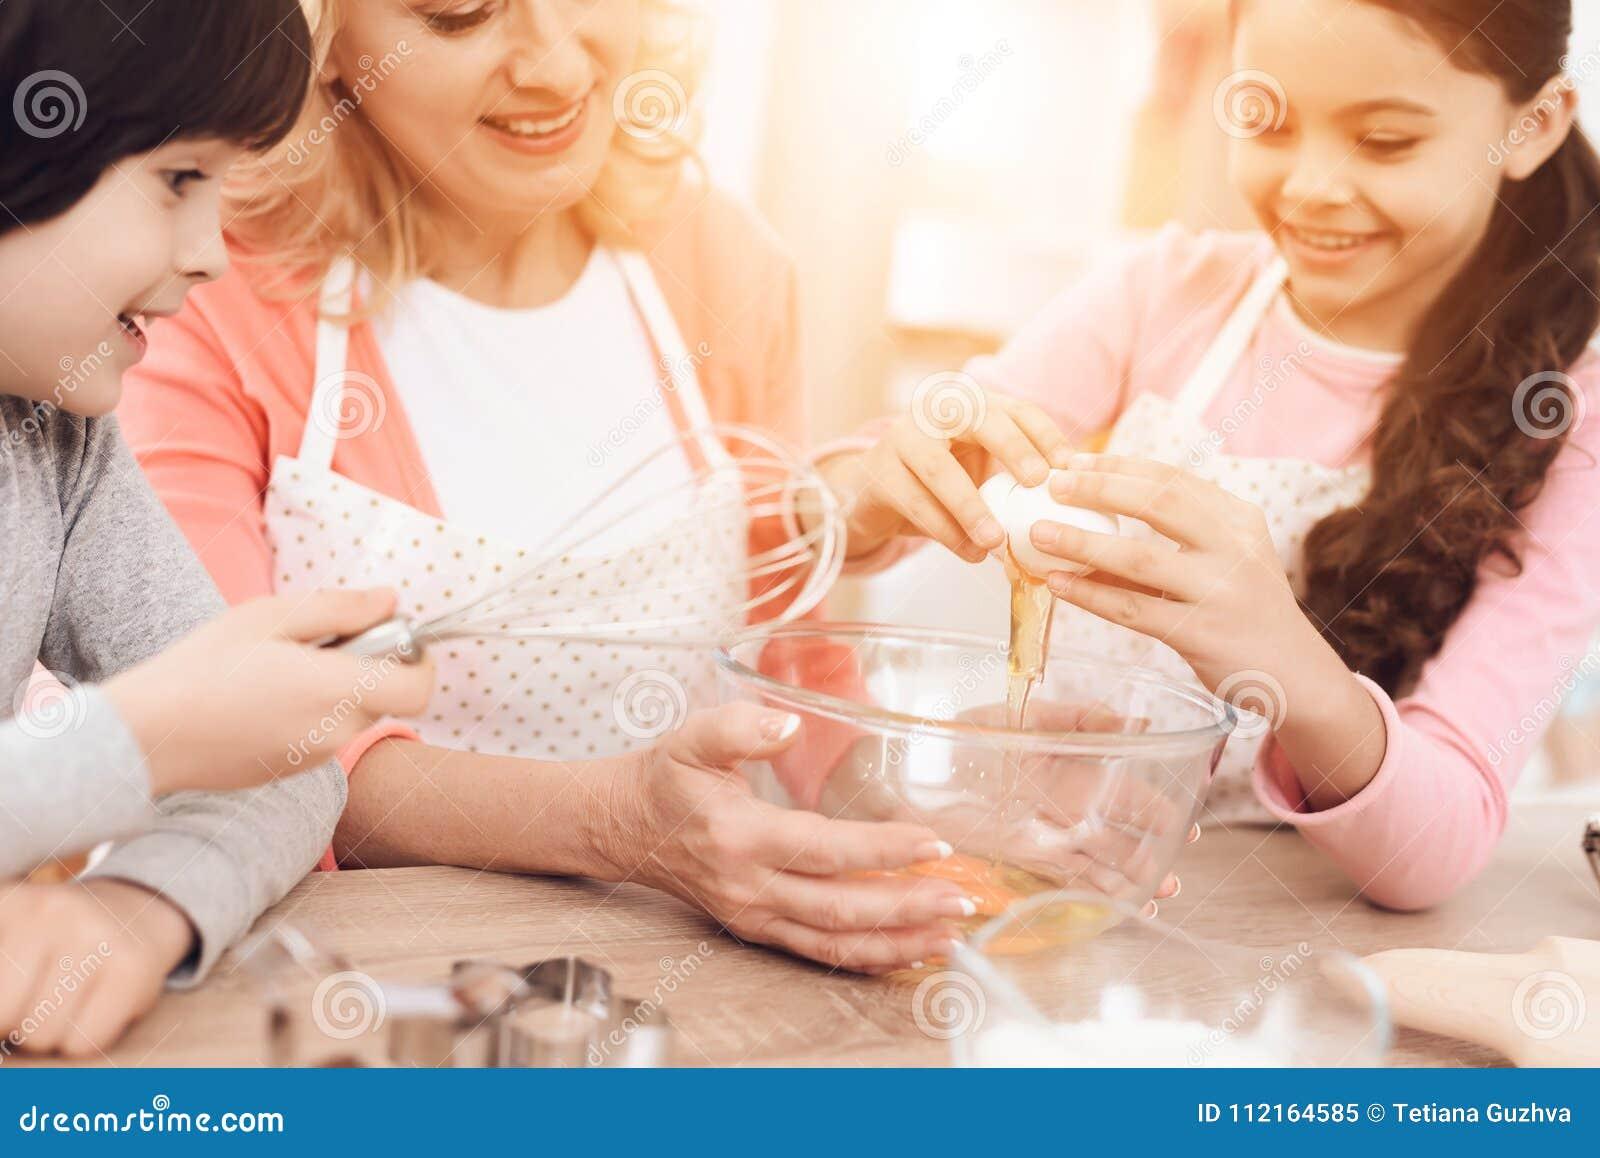 Młoda Babcia I Wnuki łamamy Jajka W Puchar W Kuchni Llittle